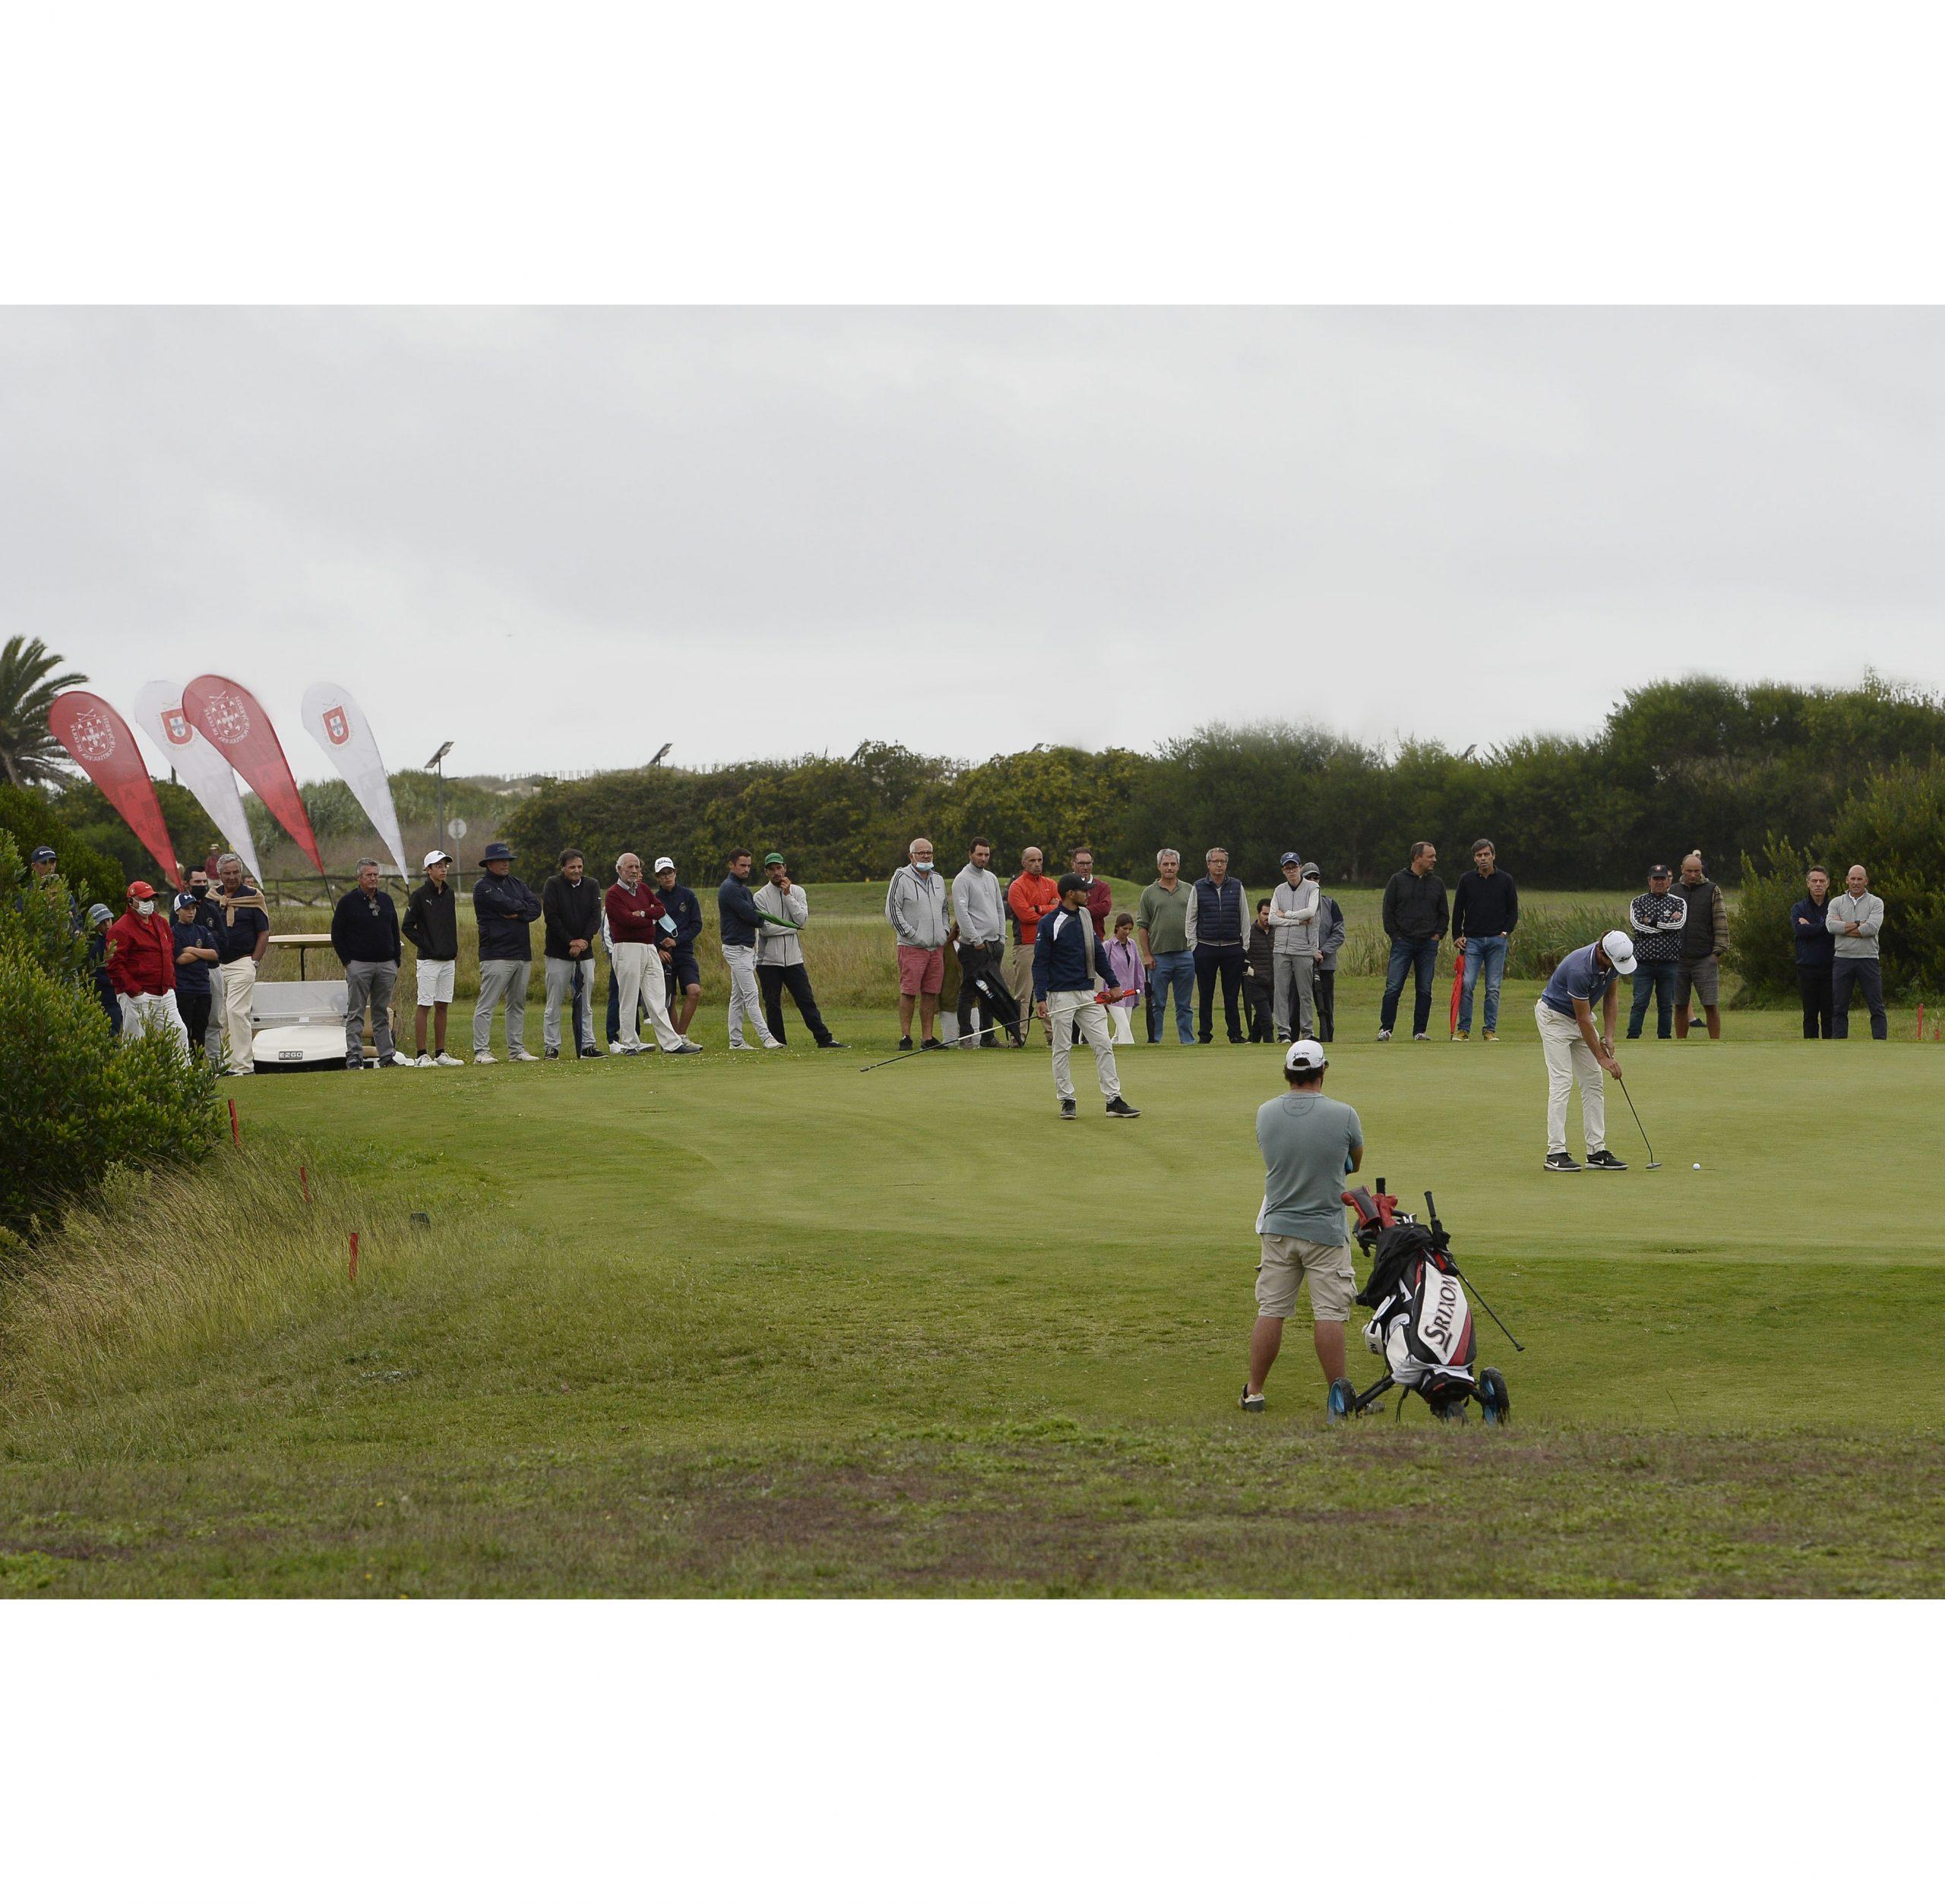 Novo figurino do Circuito da Federação Portuguesa de Golfe junta Amadores e Profissionais